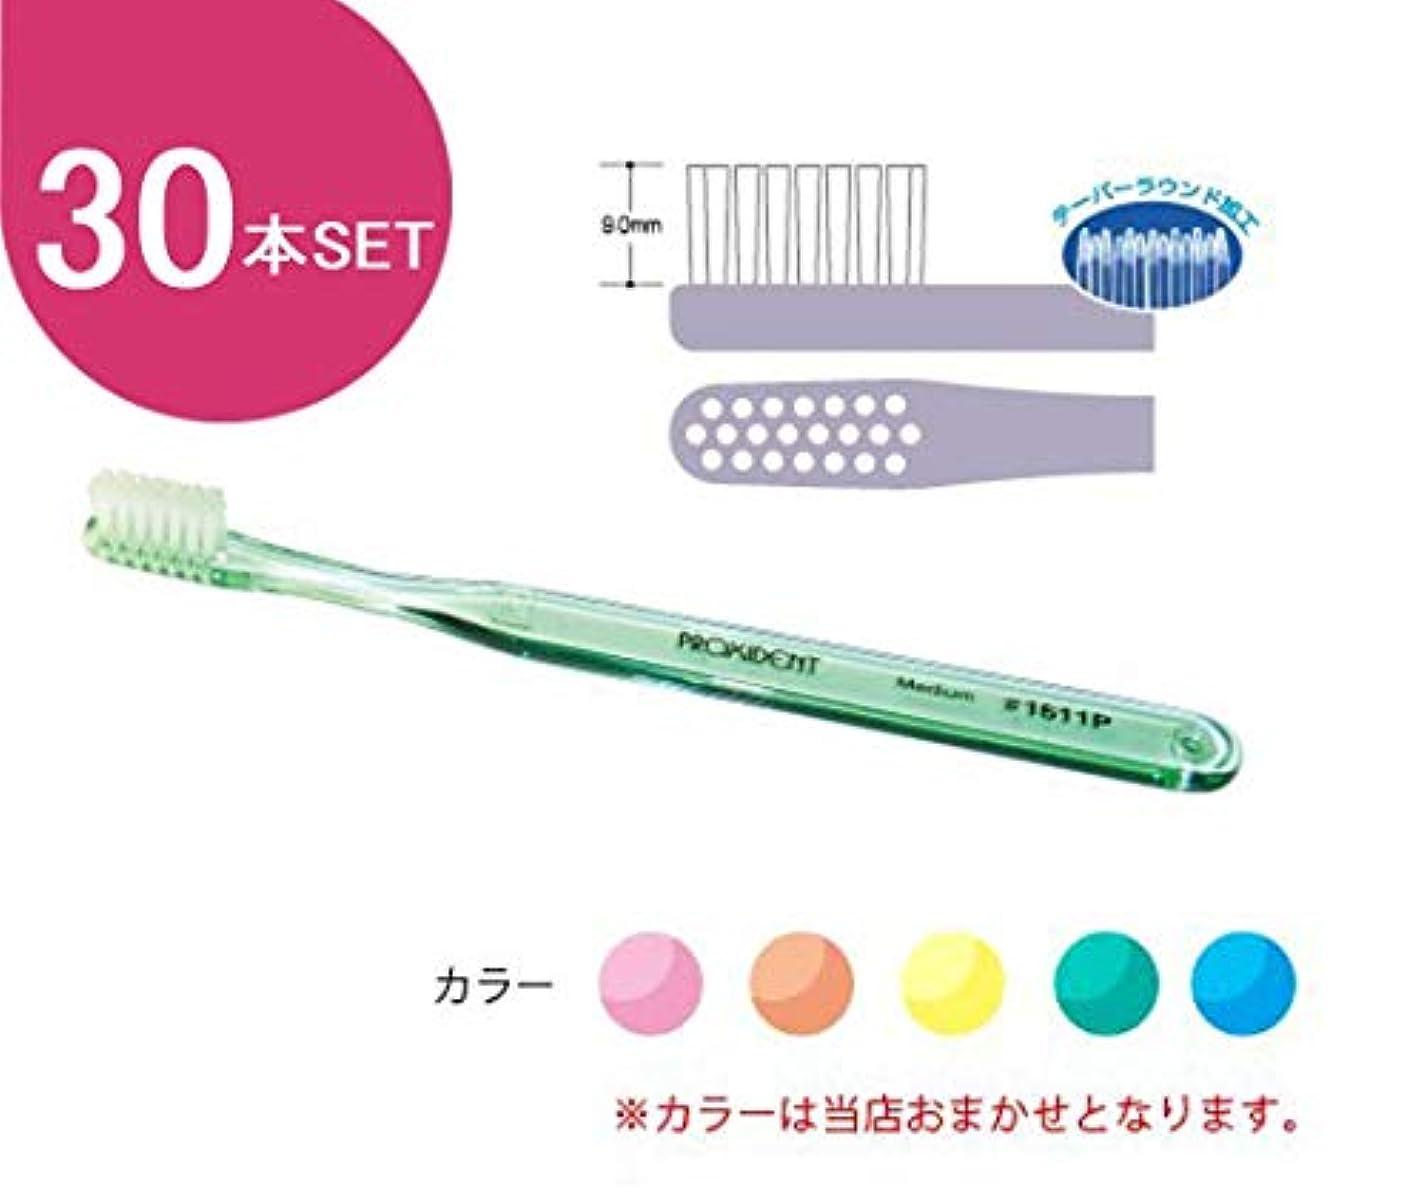 鷲レッスンそのプローデント プロキシデント #1611P 歯ブラシ 30本入